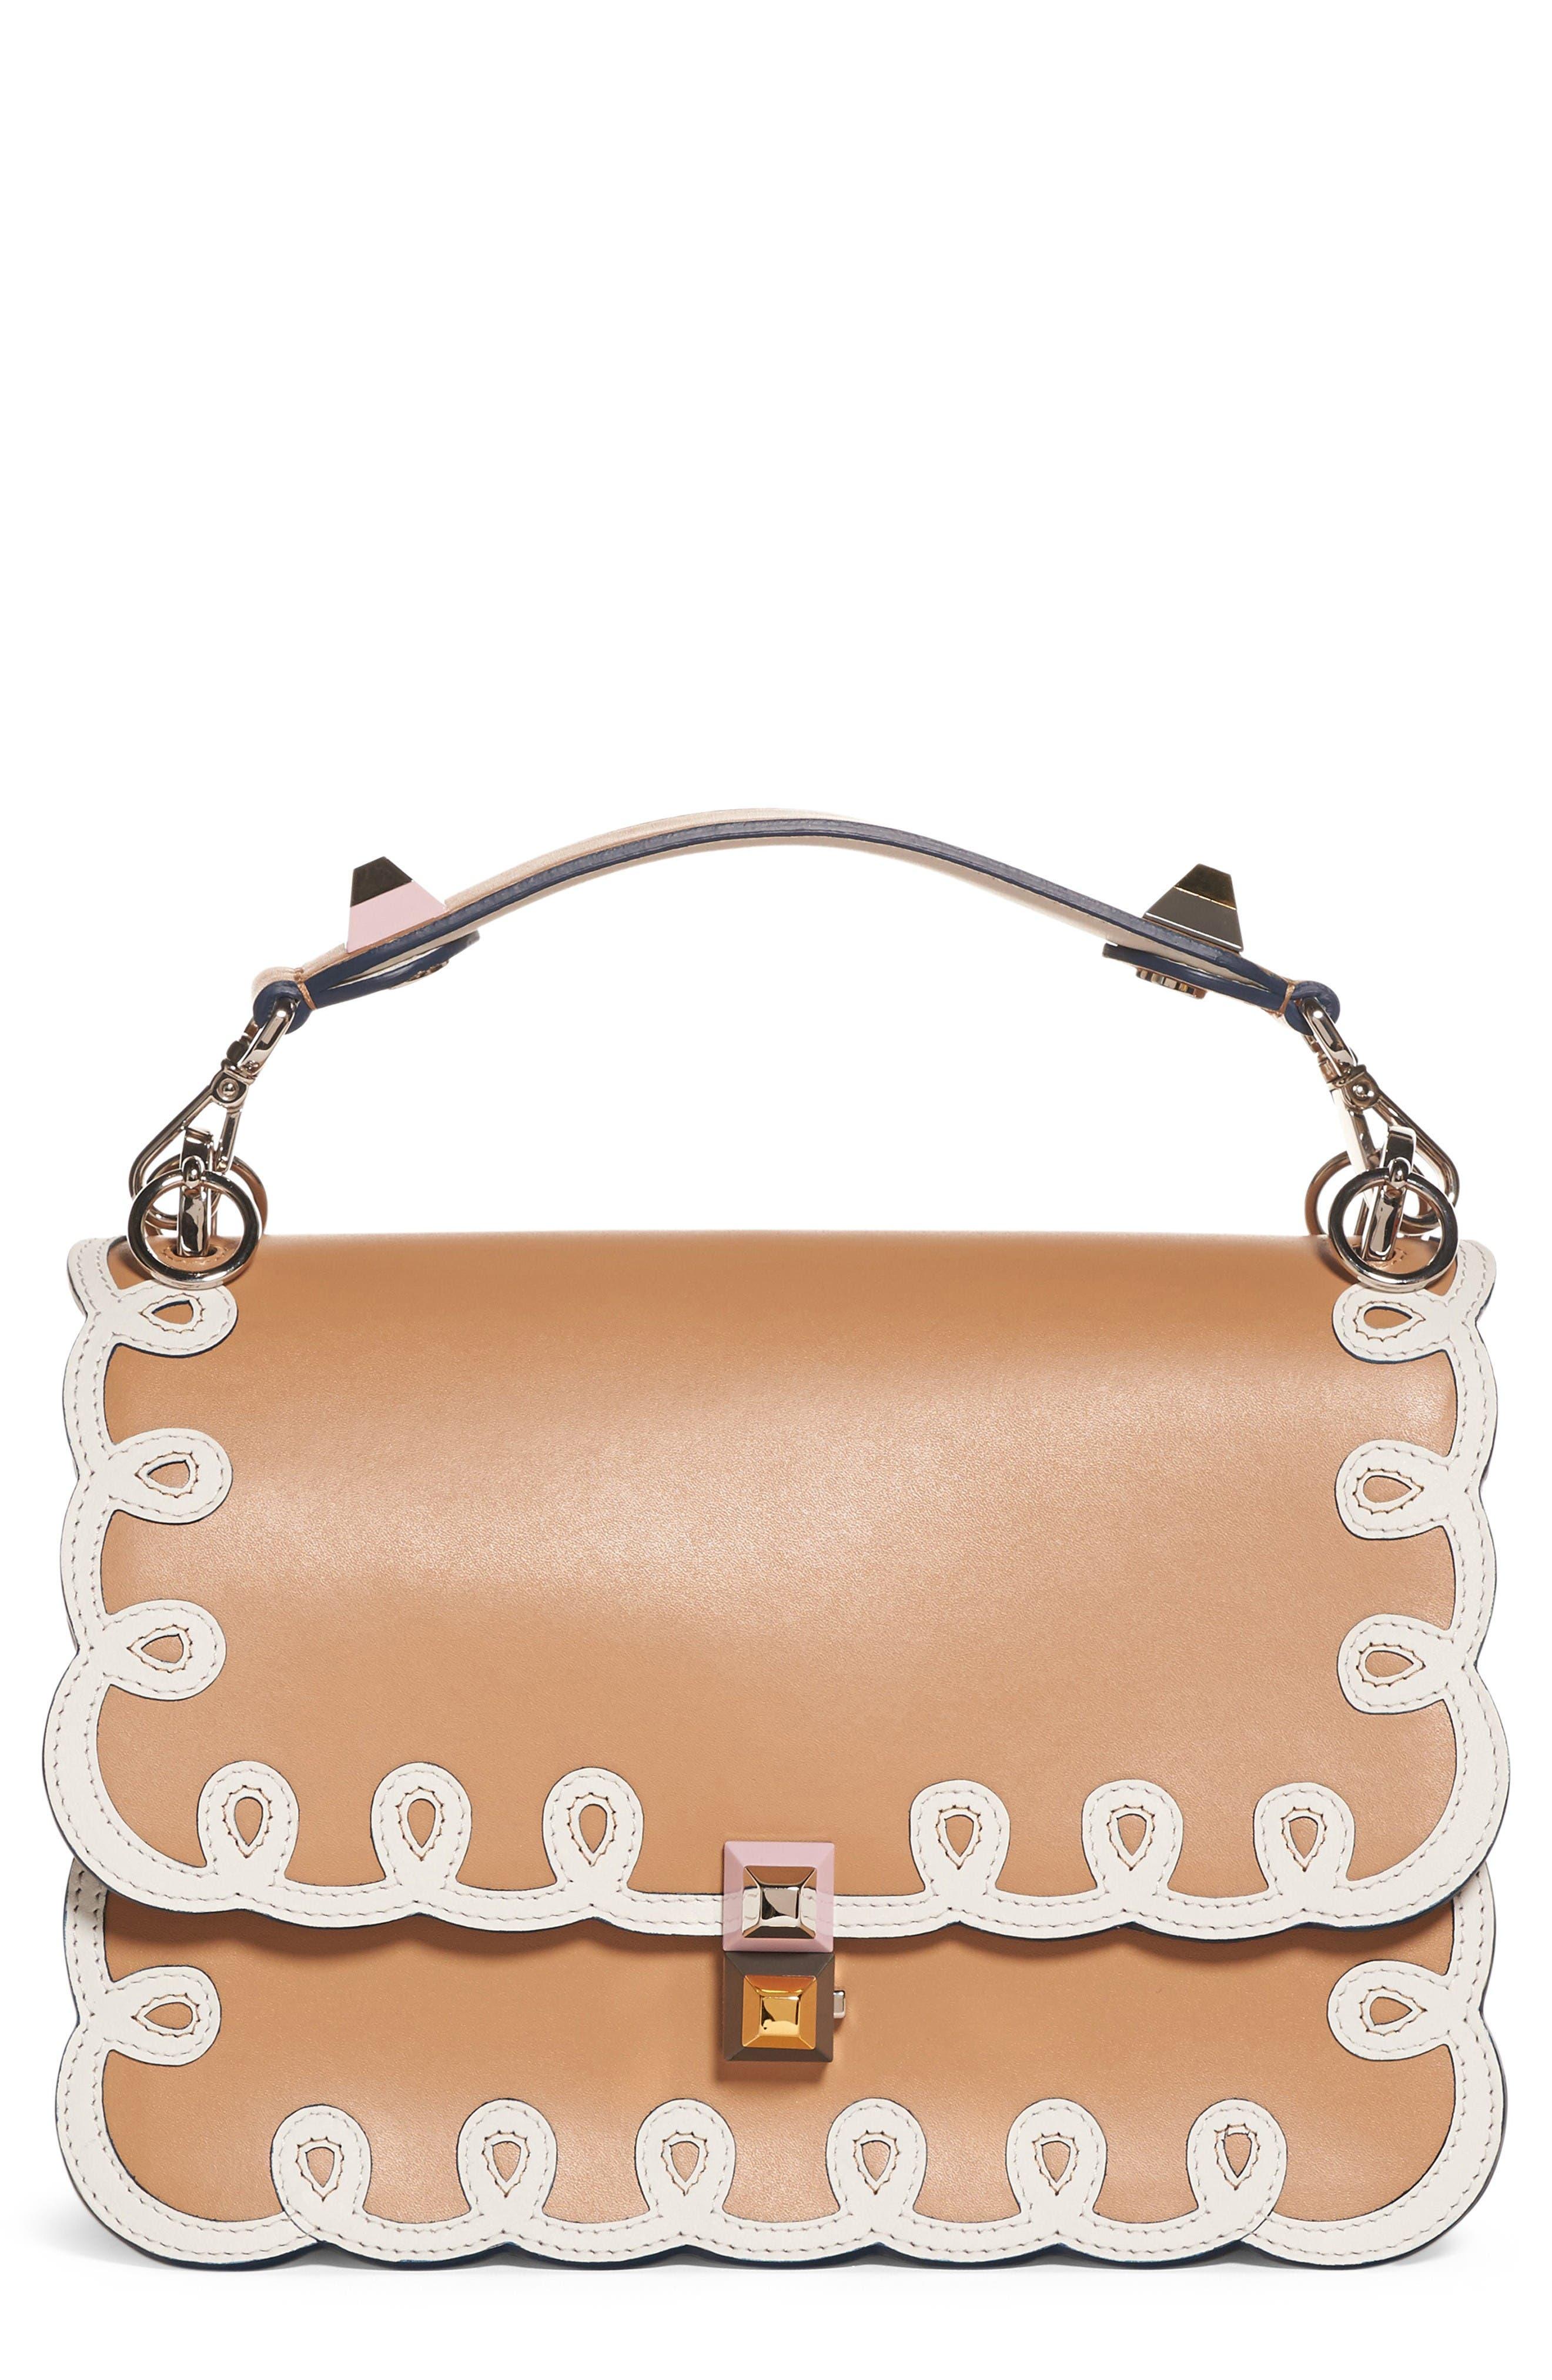 Alternate Image 1 Selected - Fendi Kan I Scalloped Leather Shoulder Bag